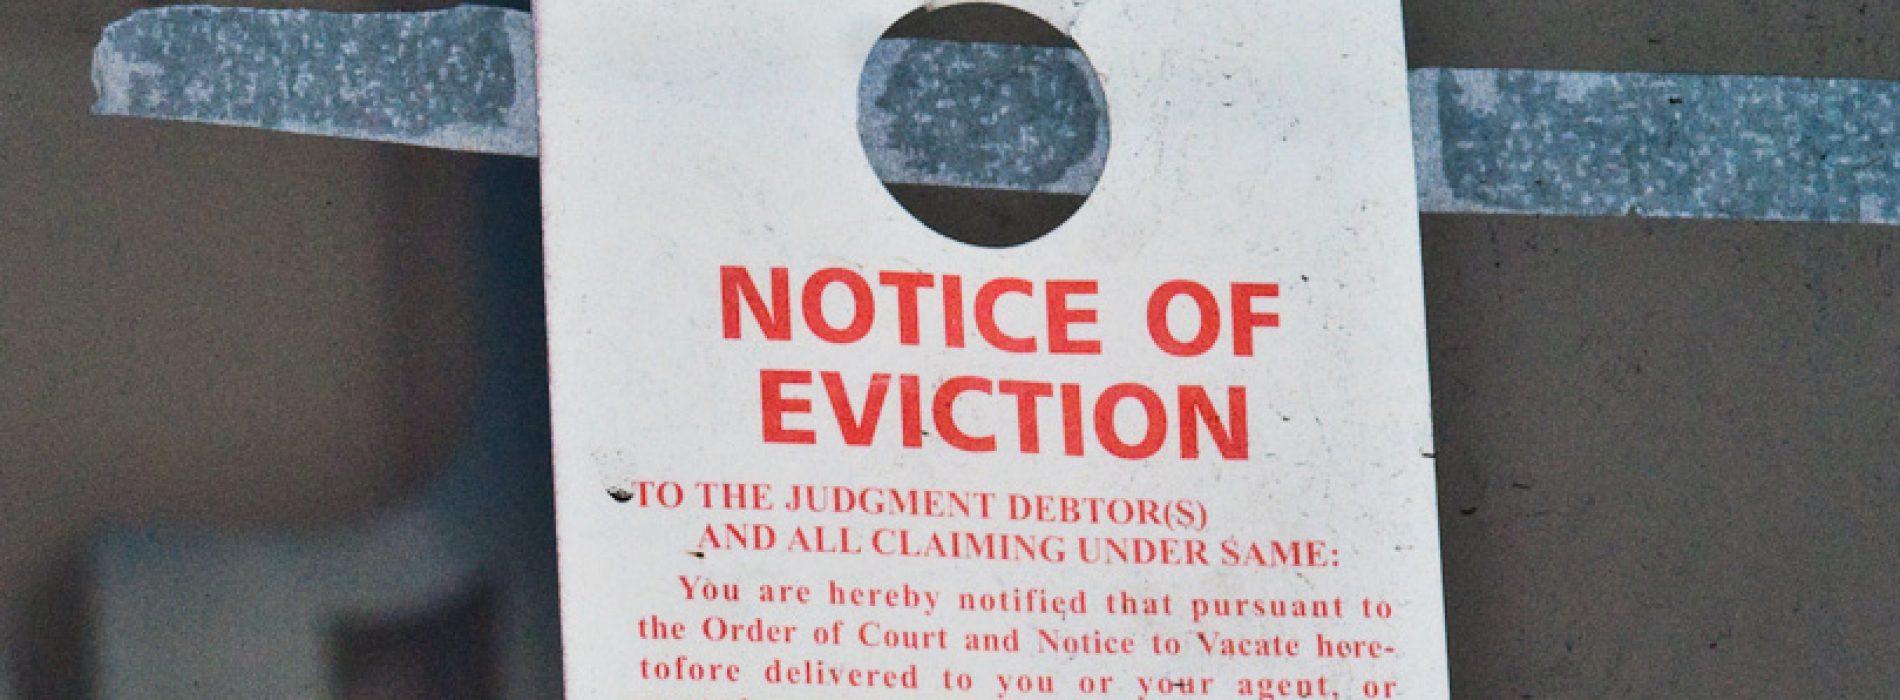 Eviction_ericrichardson-1900x700_c